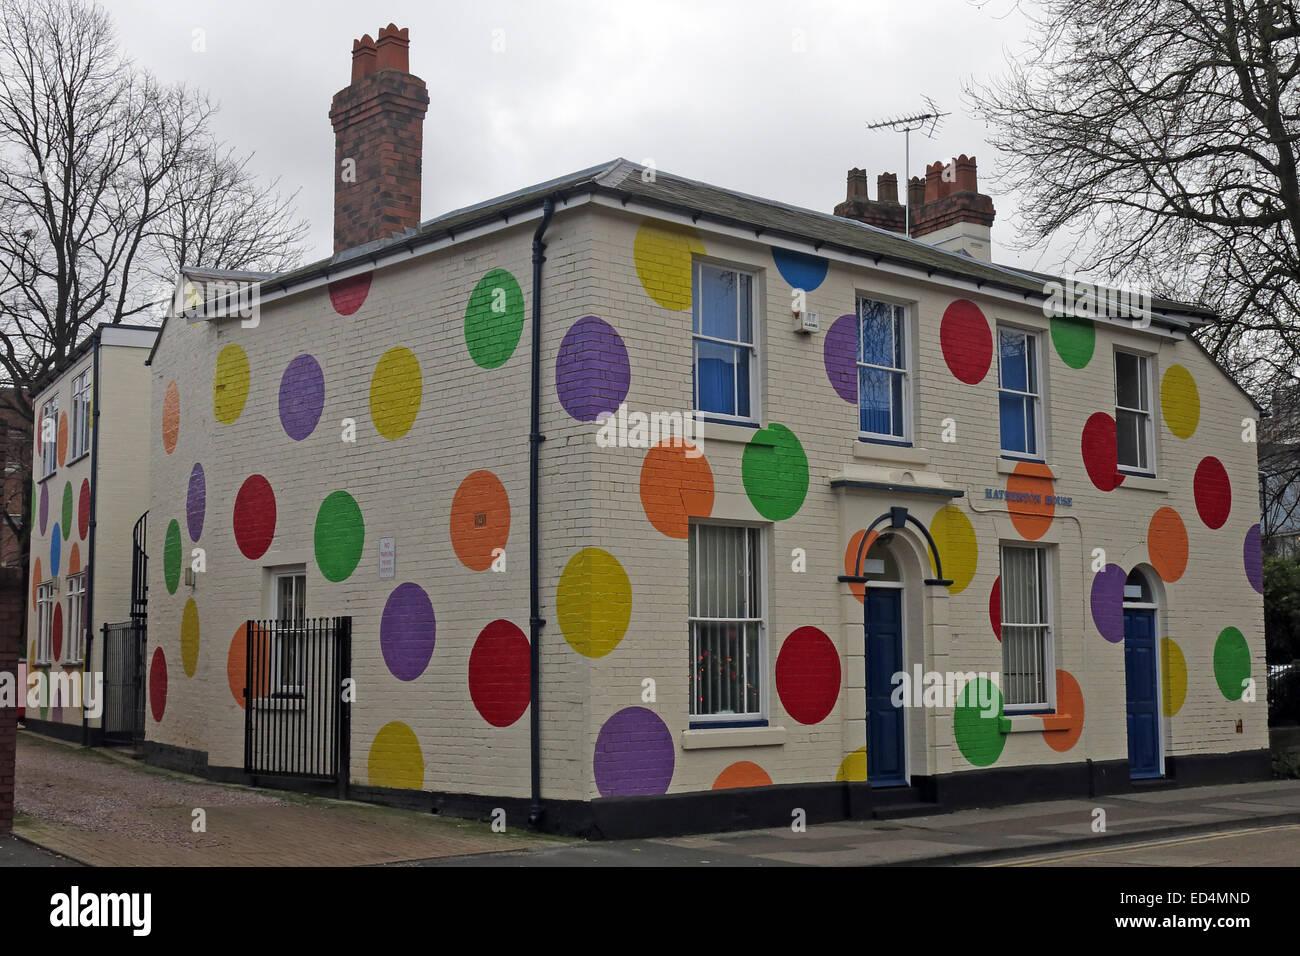 Laden Sie dieses Alamy Stockfoto Hatherton House mit Flecken Top-Marken bauen Spotty Zentrum, Walsall, West Midlands, England, GB - ED4MND